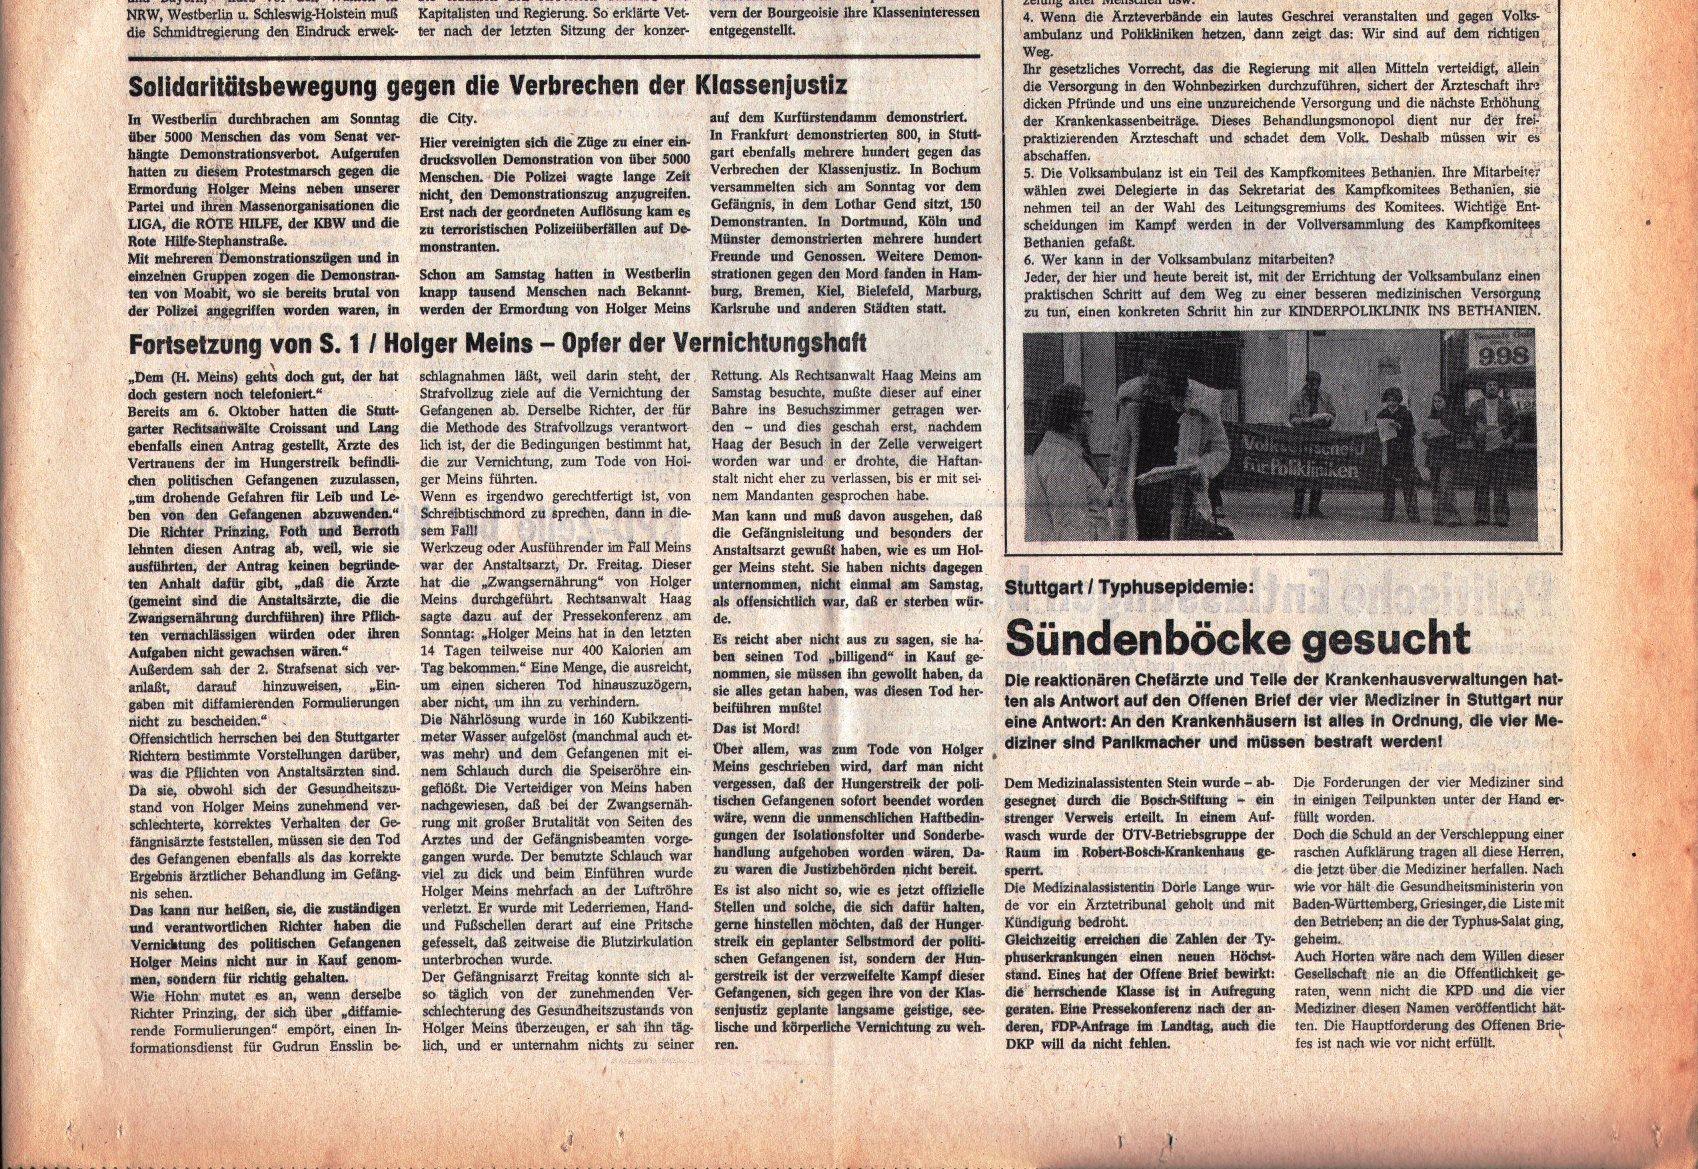 KPD_Rote_Fahne_1974_46_06